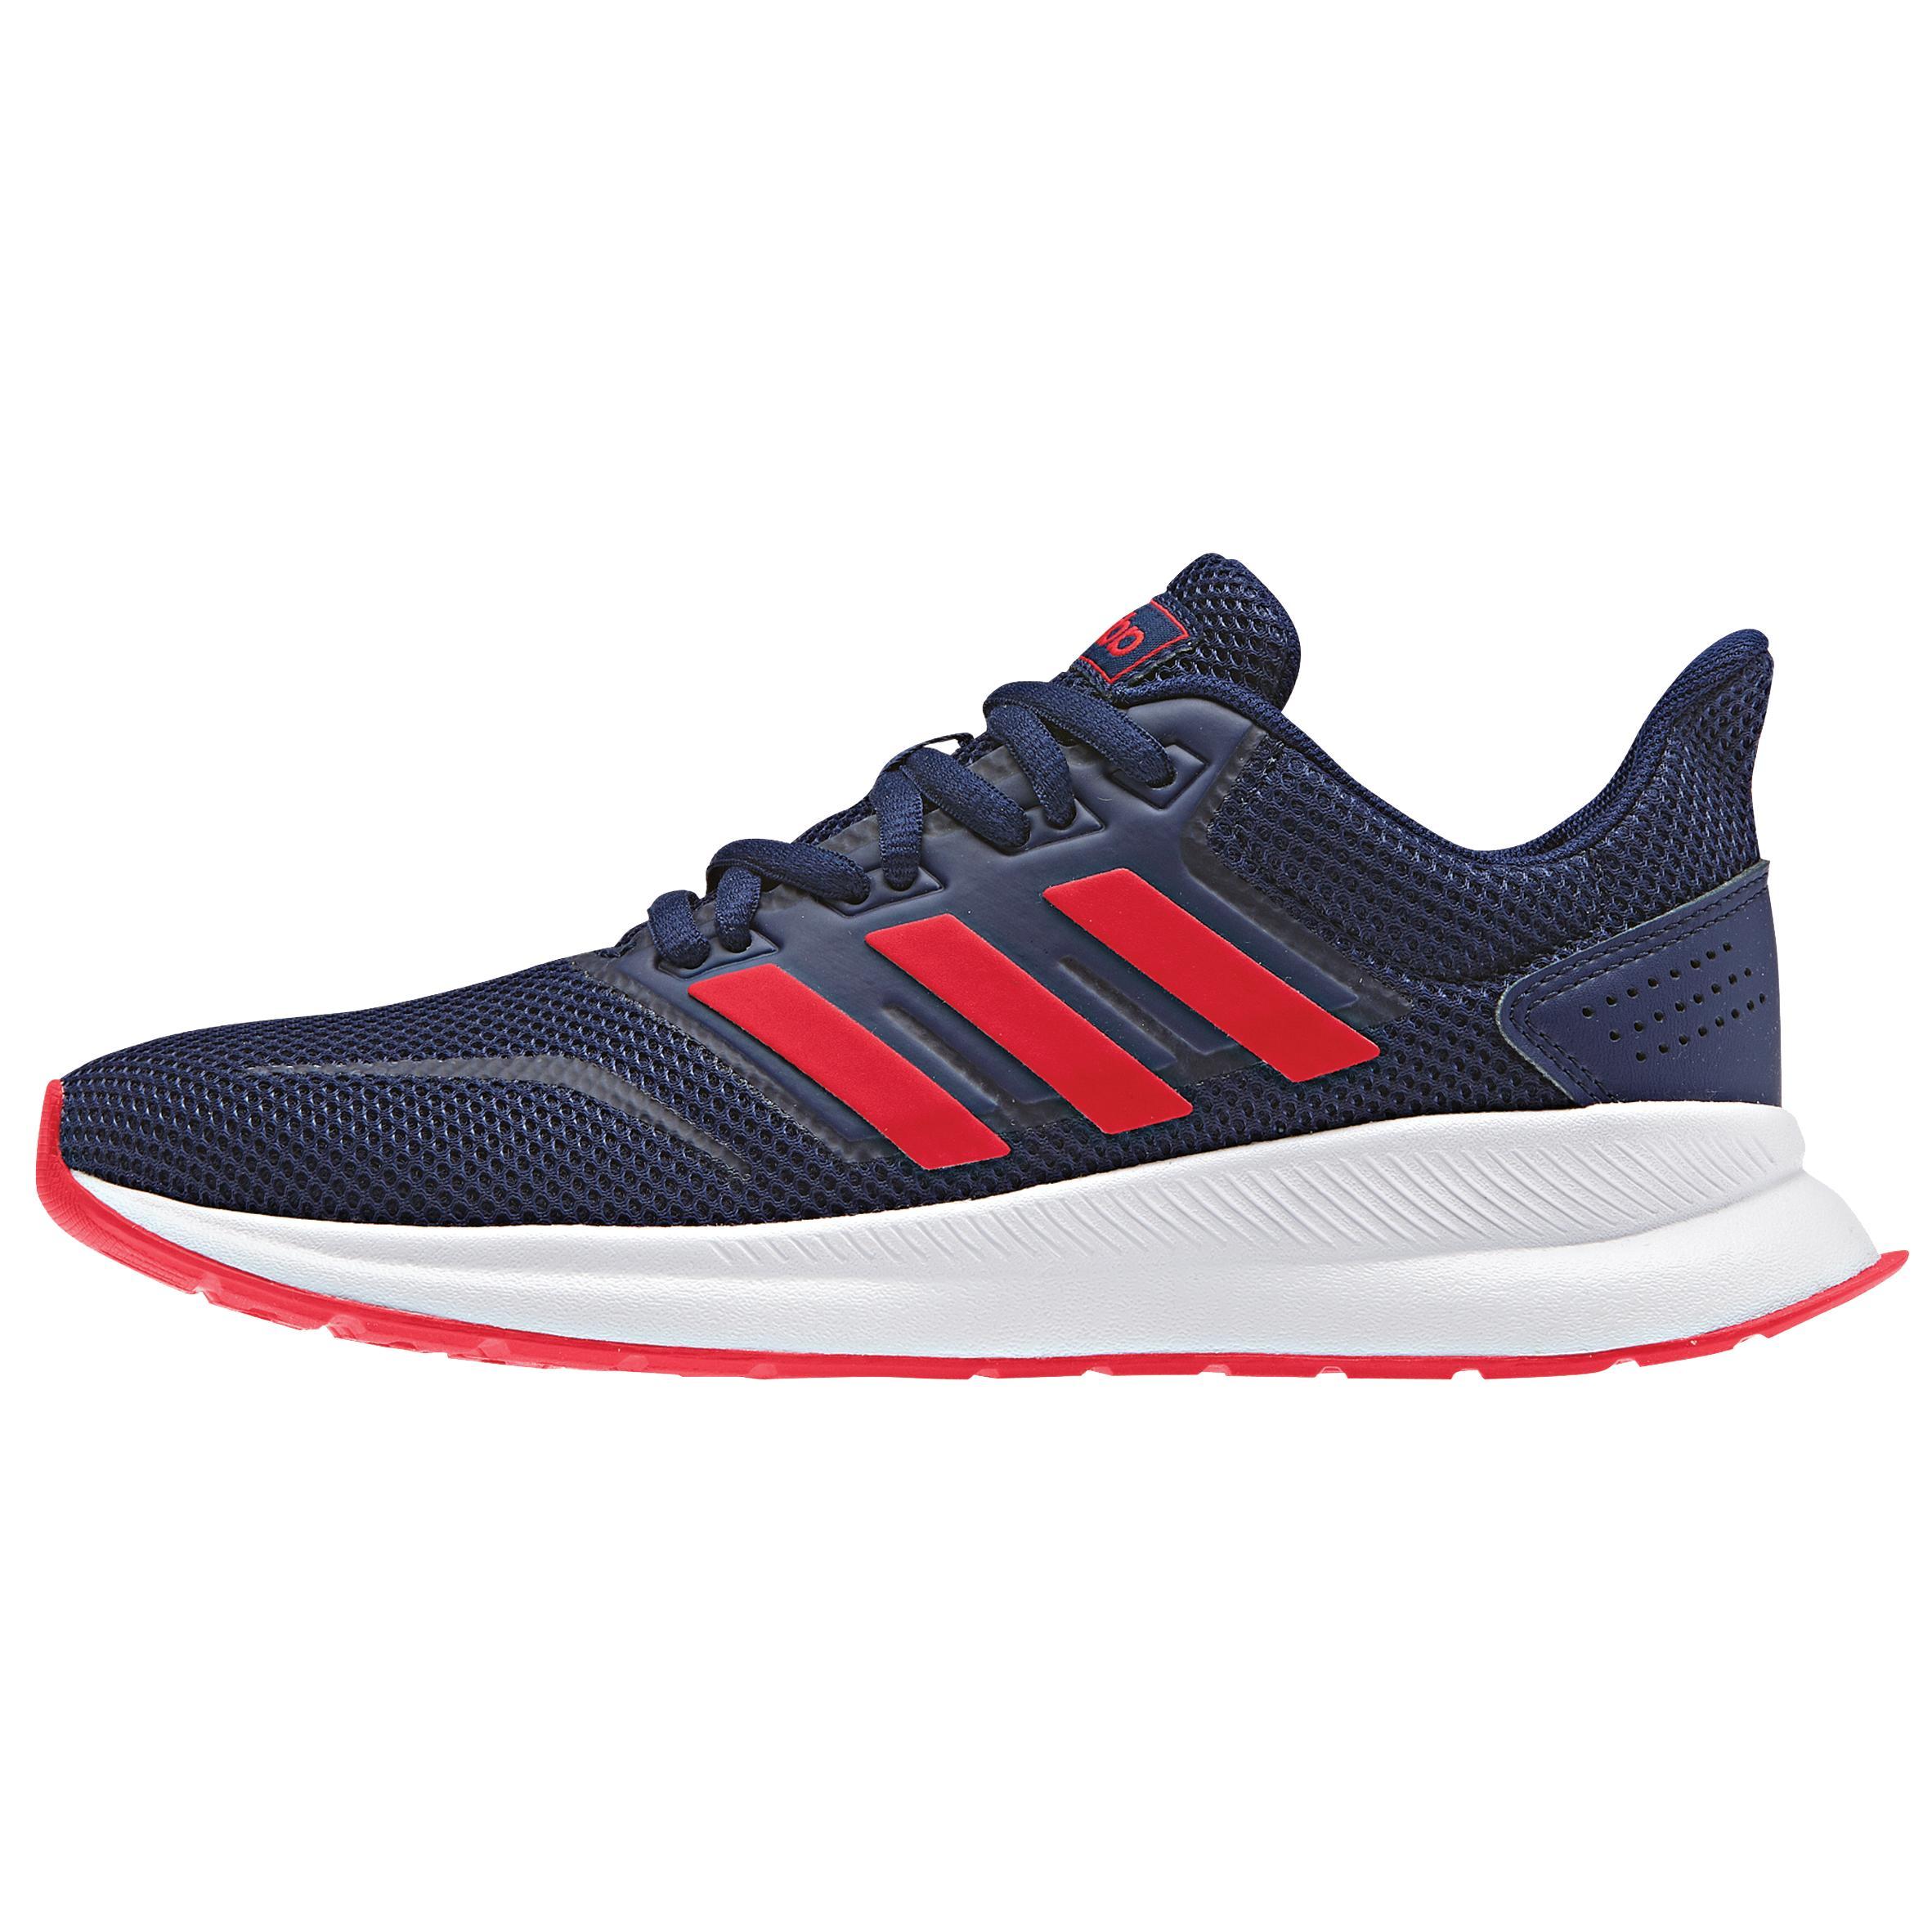 Chaussures marche enfant Adidas Falcon bleu / rouge